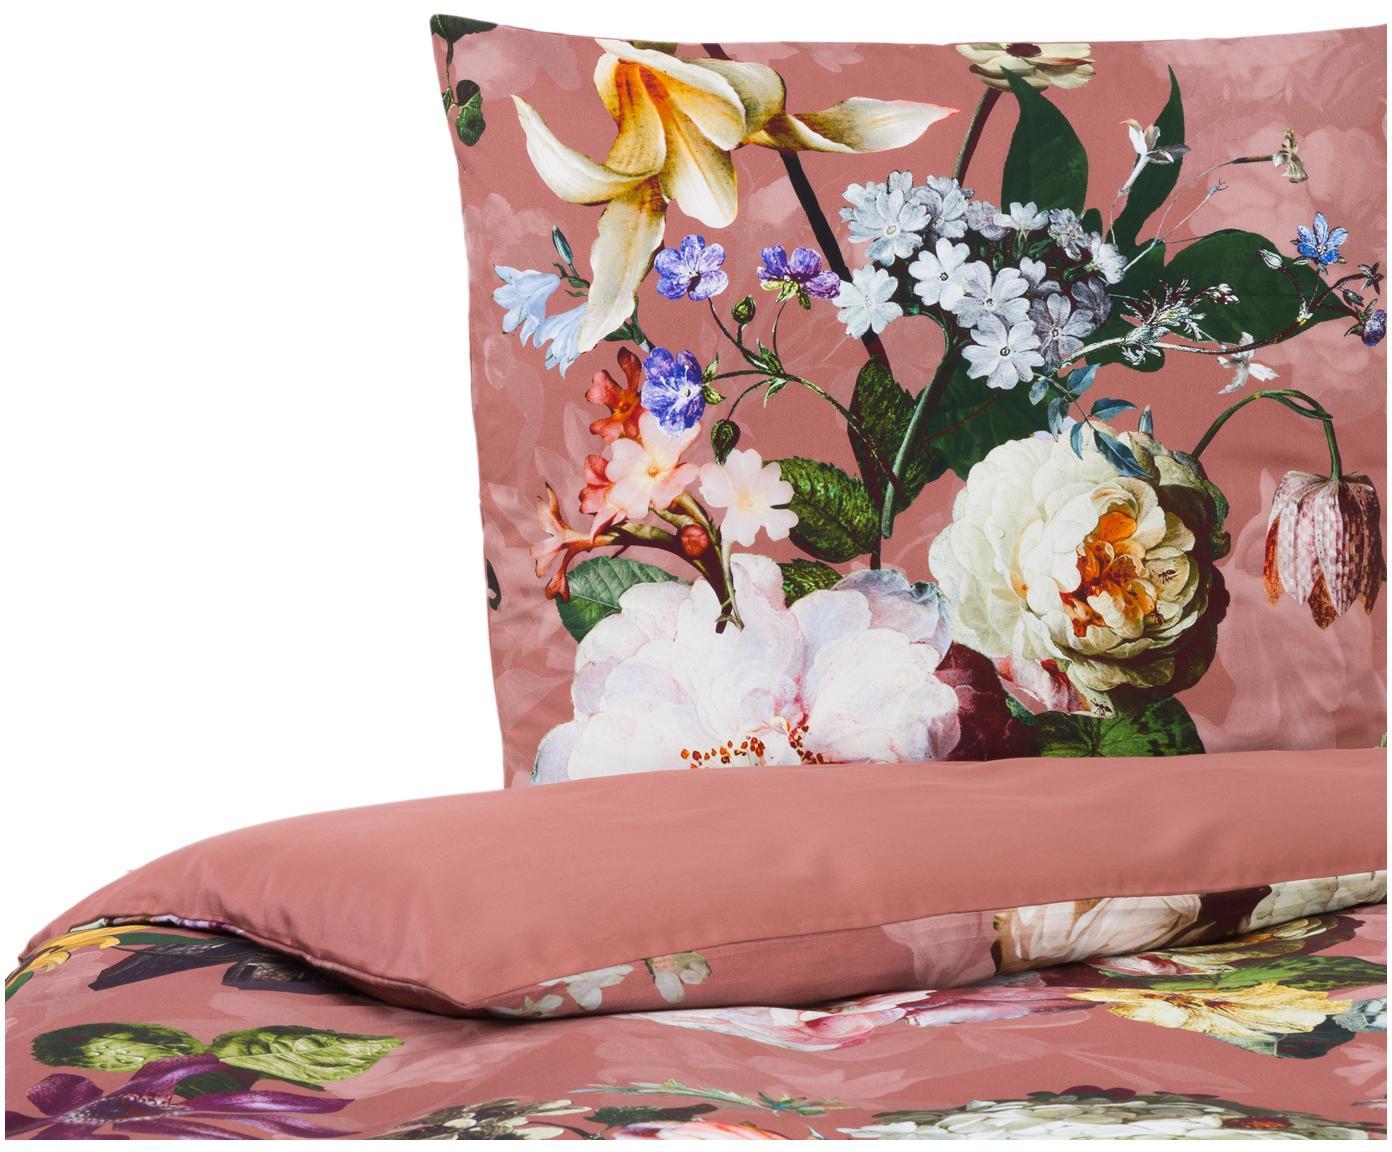 Baumwollsatin-Bettwäsche Fleur mit Blumen-Muster, Webart: Satin Fadendichte 209 TC,, Altrosa, 135 x 200 cm + 1 Kissen 80 x 80 cm